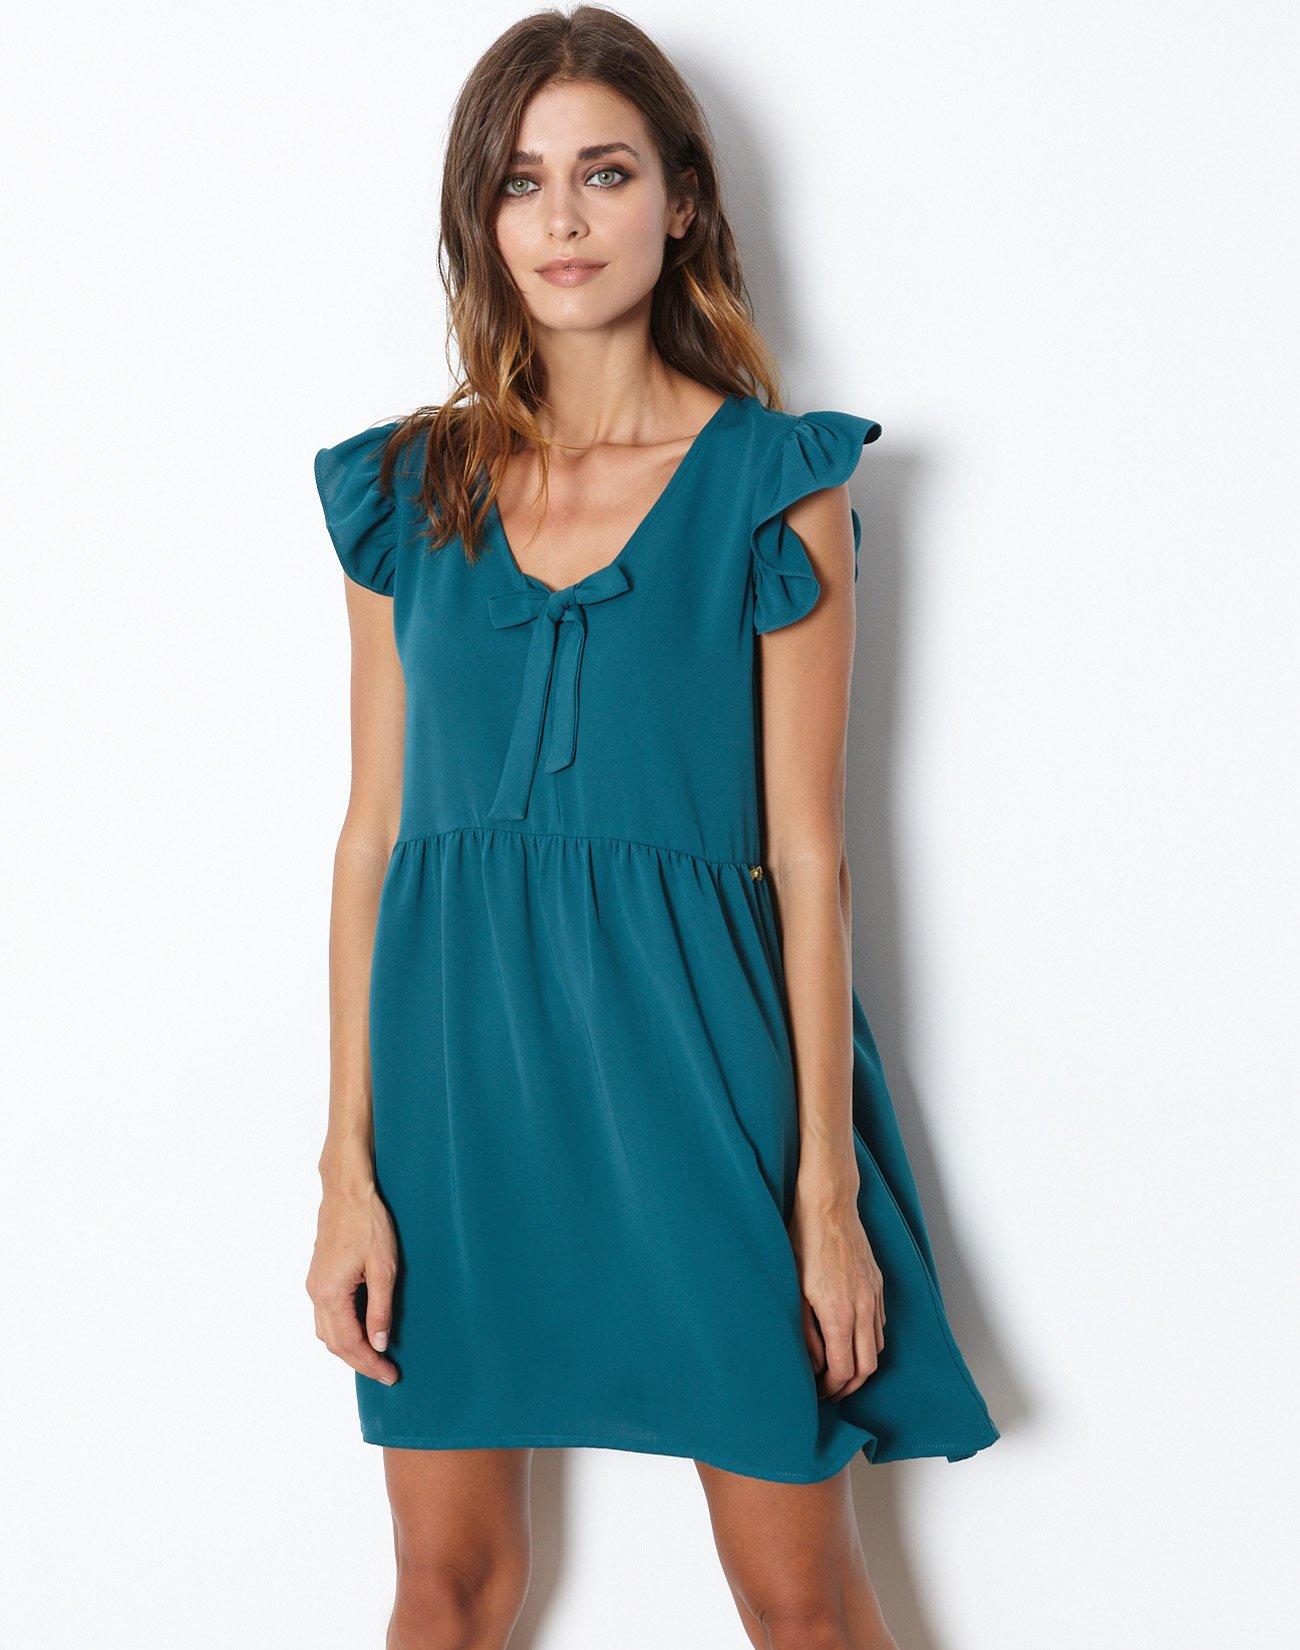 Μίνι φόρεμα με δέσιμο